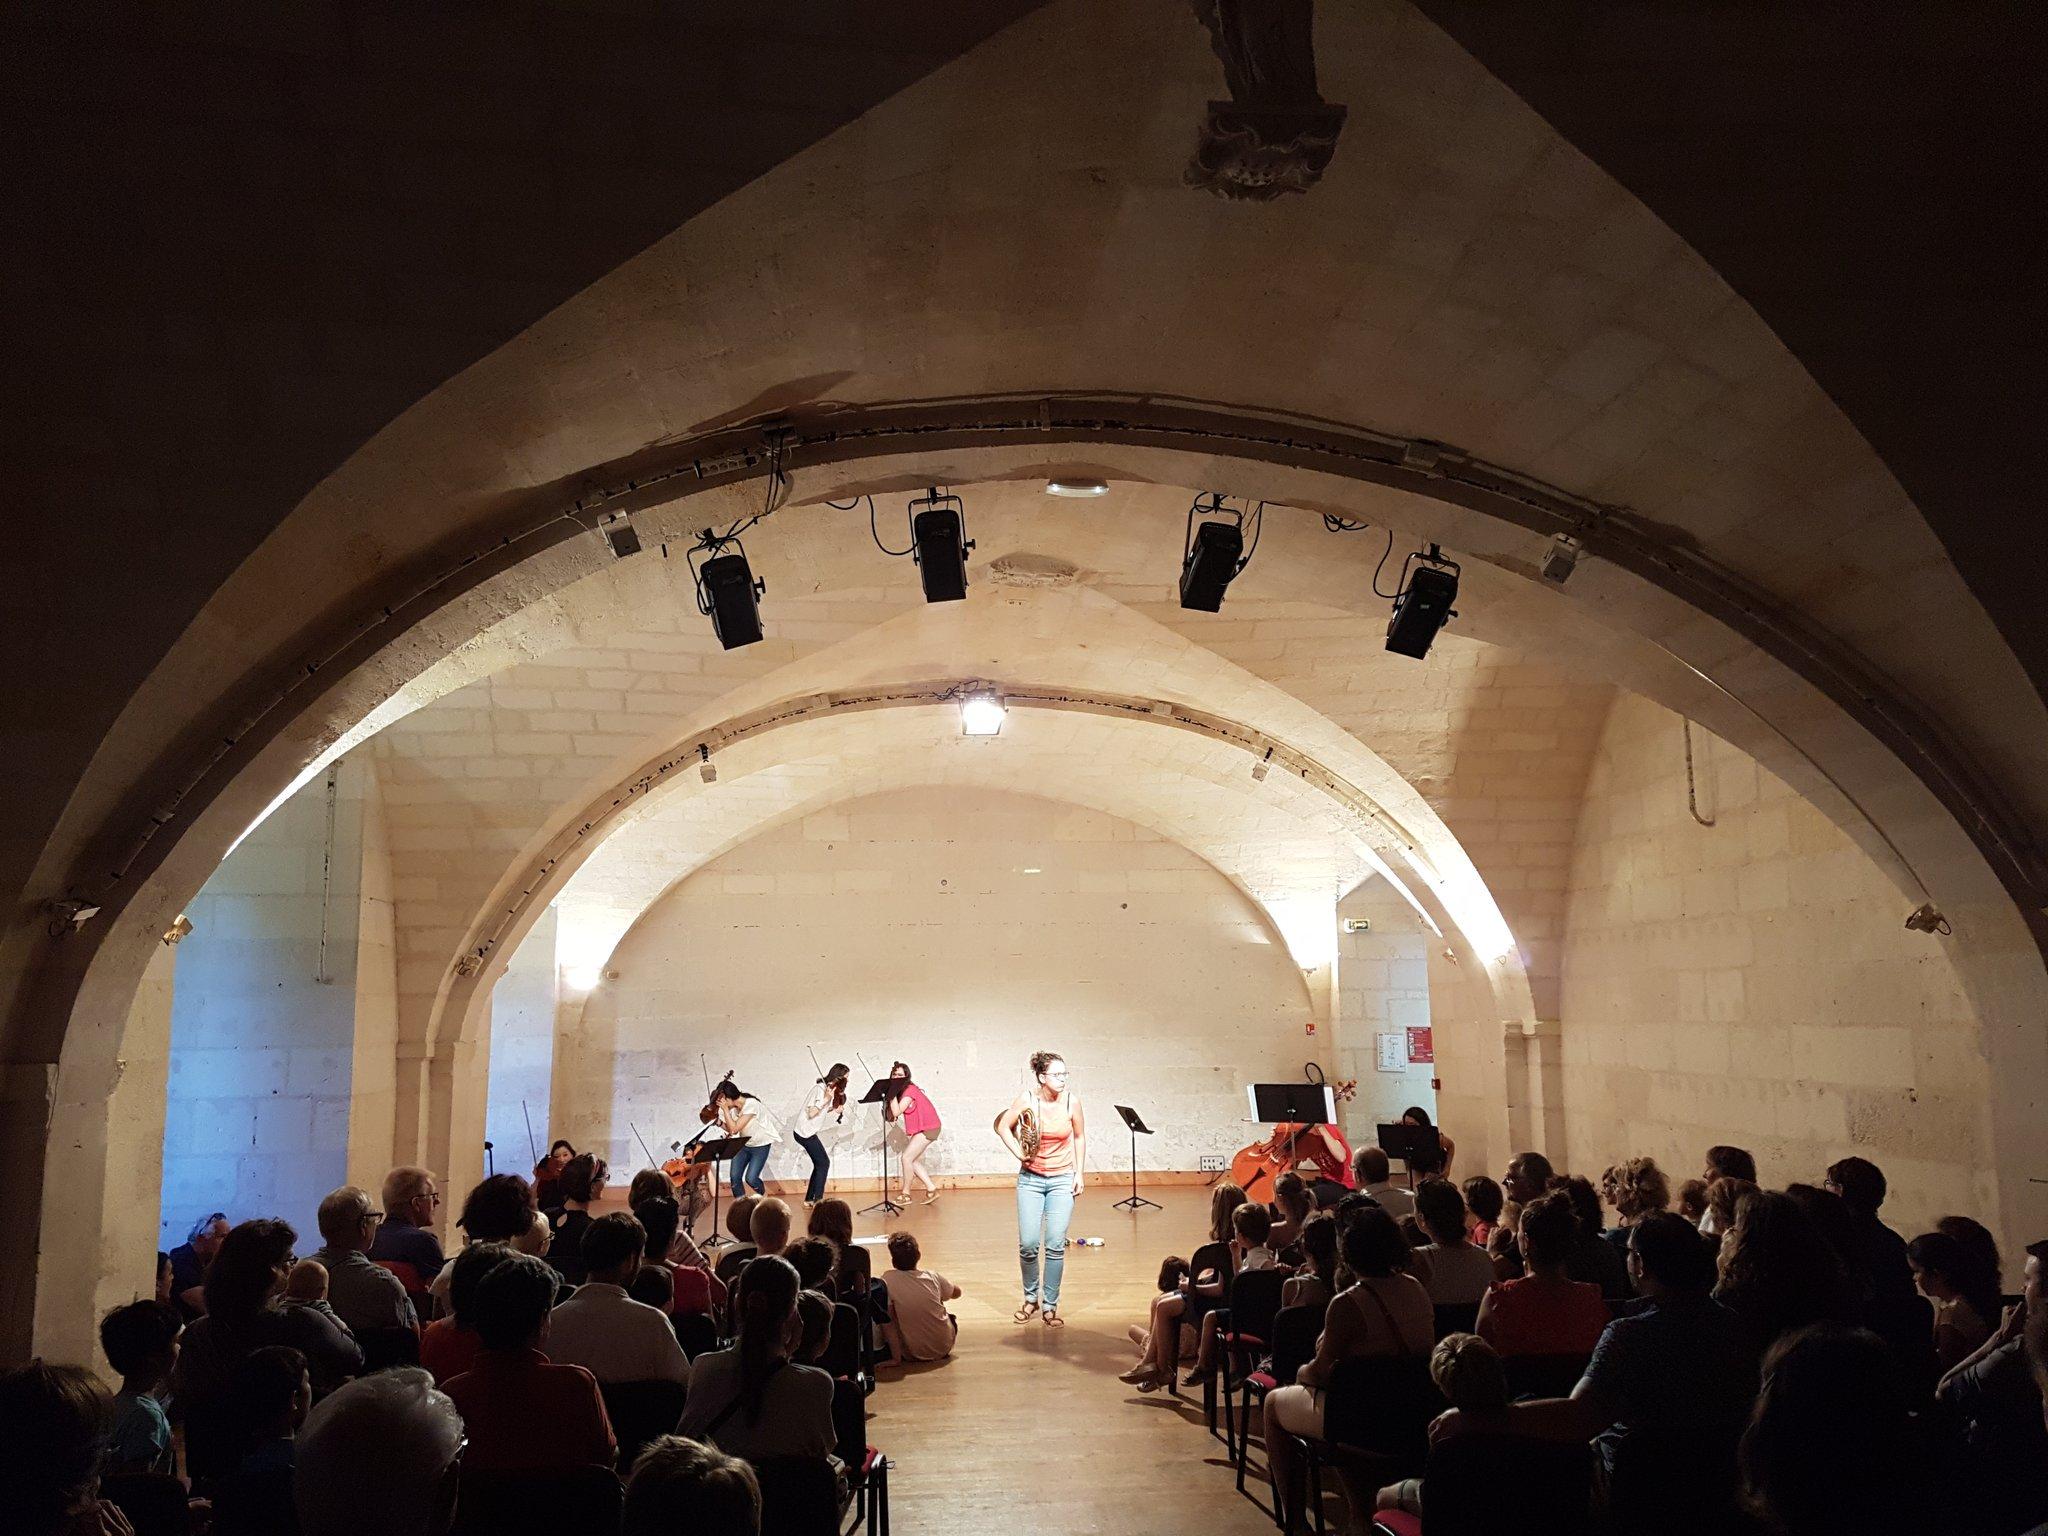 Le #festivaldesaintes c'est aussi pour les enfants ! Mon premier concert avec le Jeune Orchestre de l' @Abbayeauxdames ! #fds17 https://t.co/FziO8HB1HY